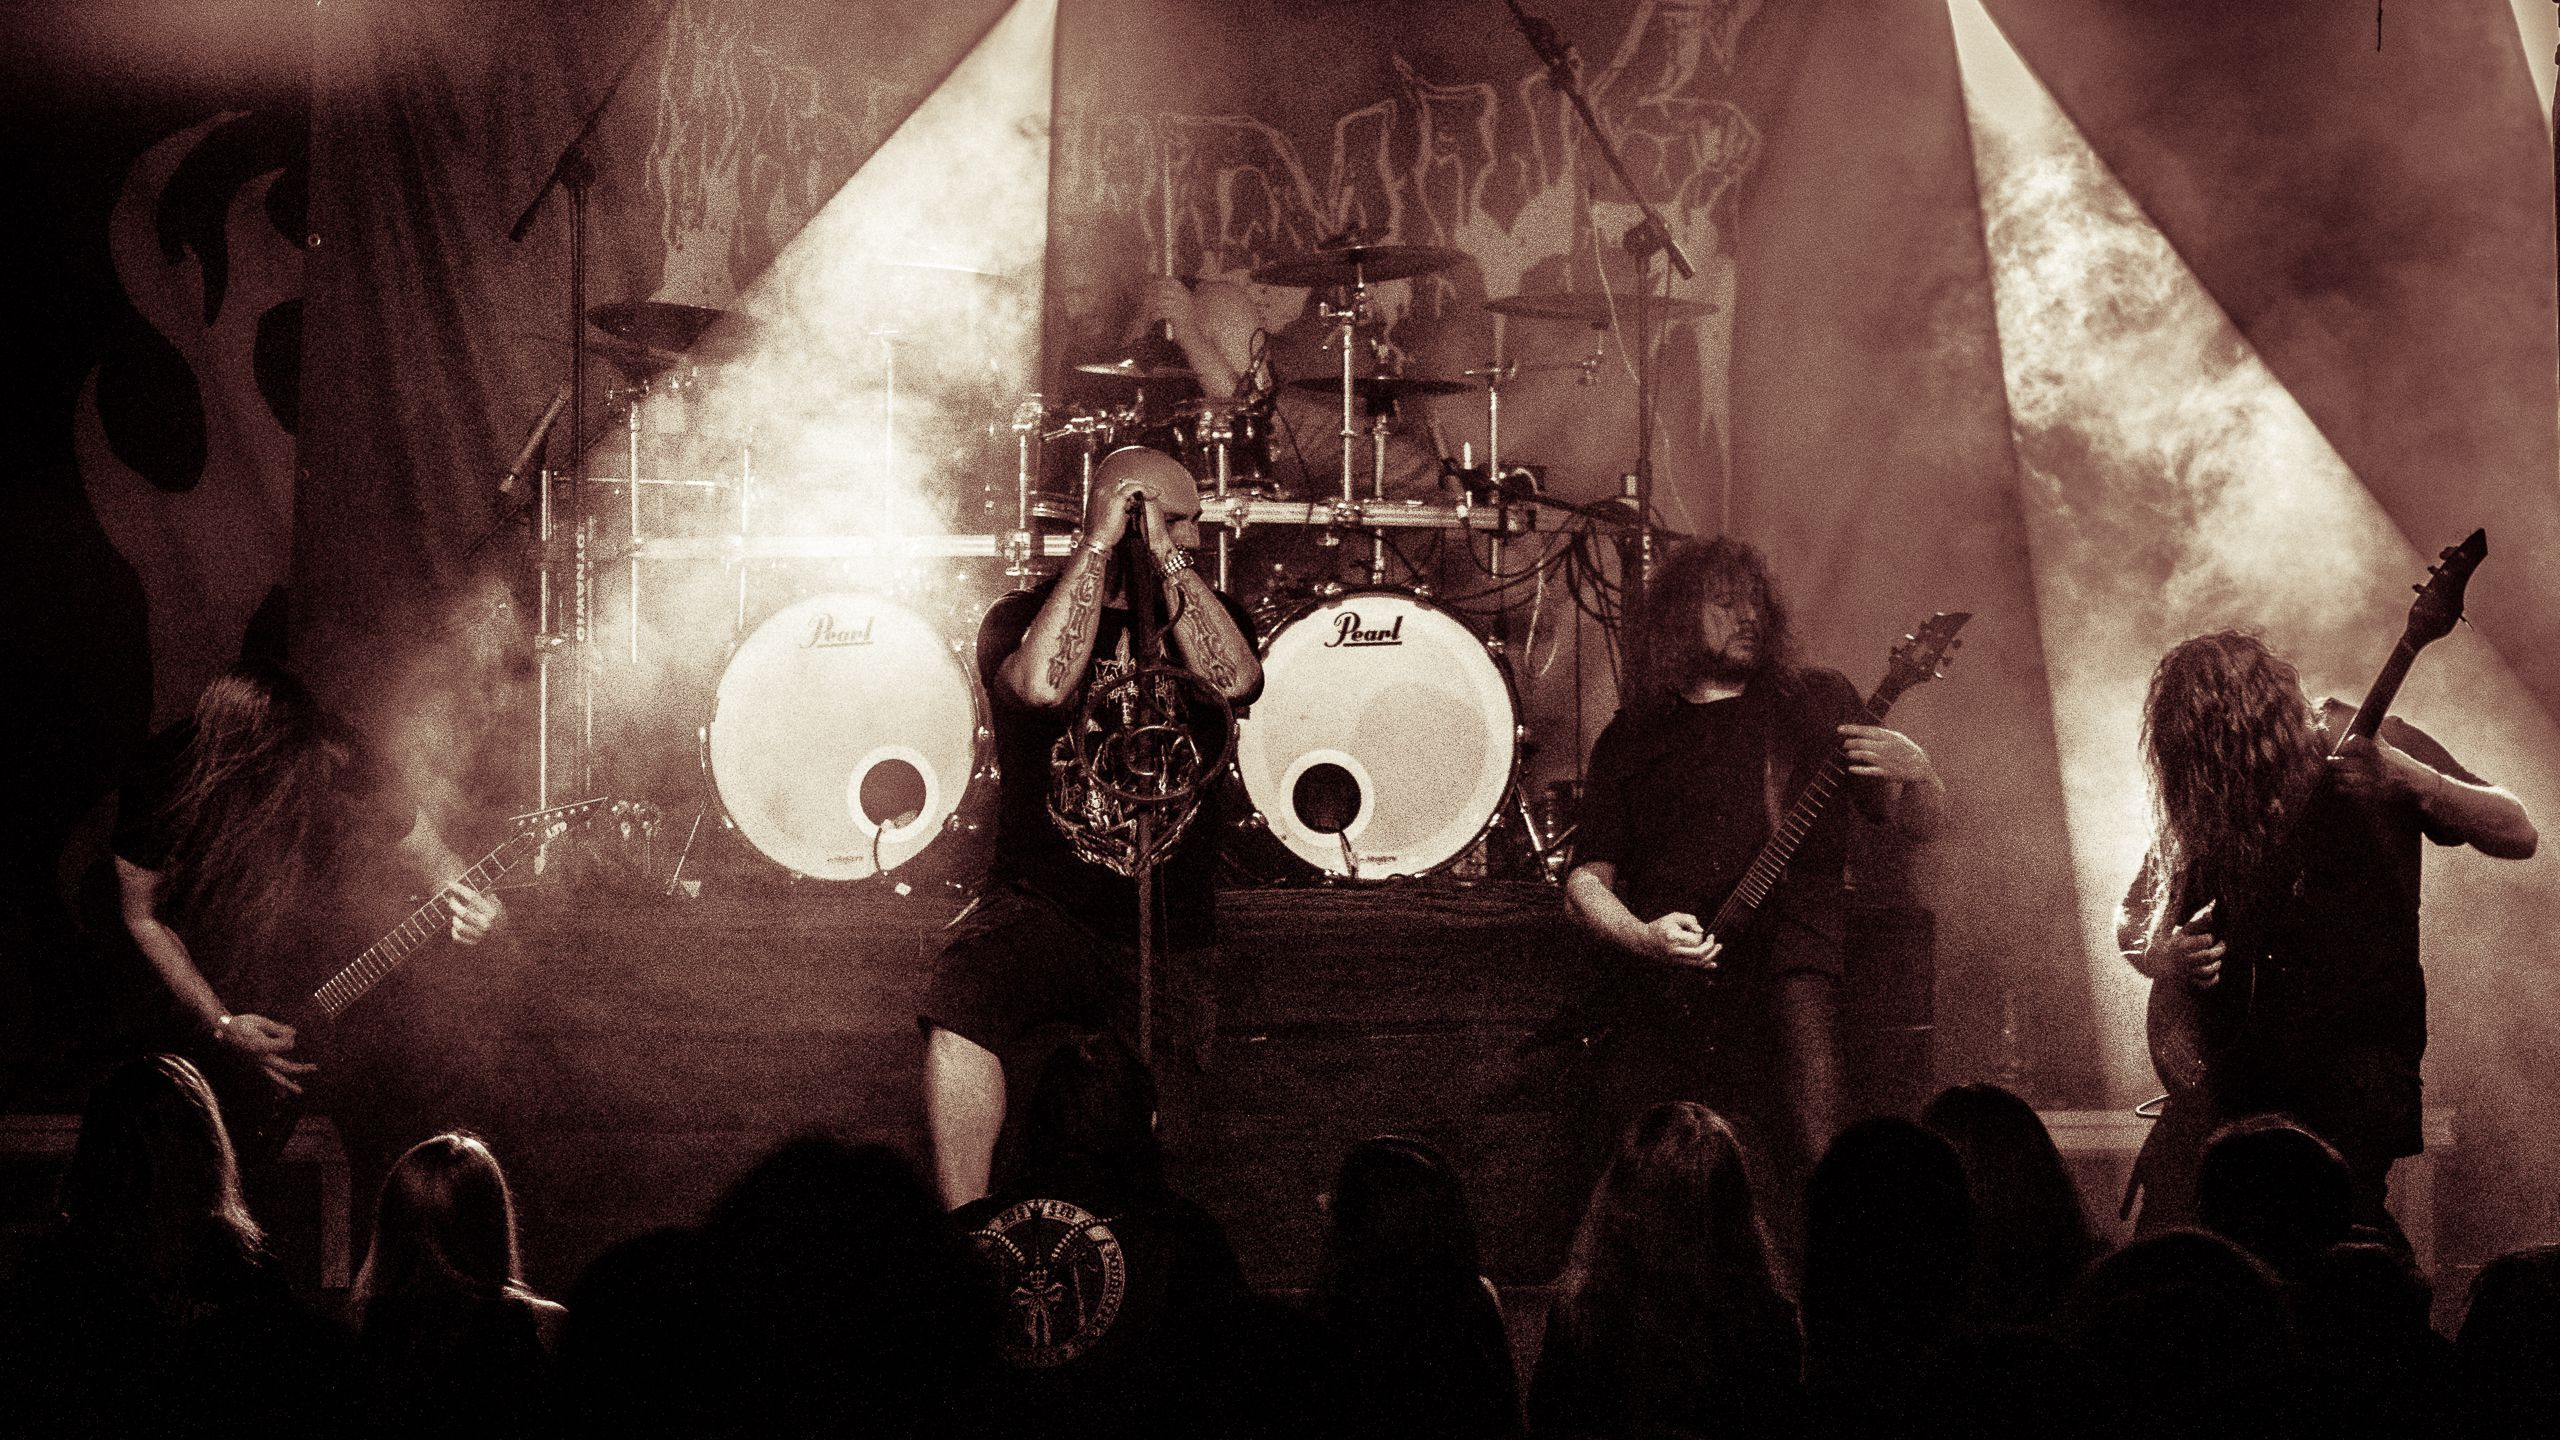 Insidius Death metal music